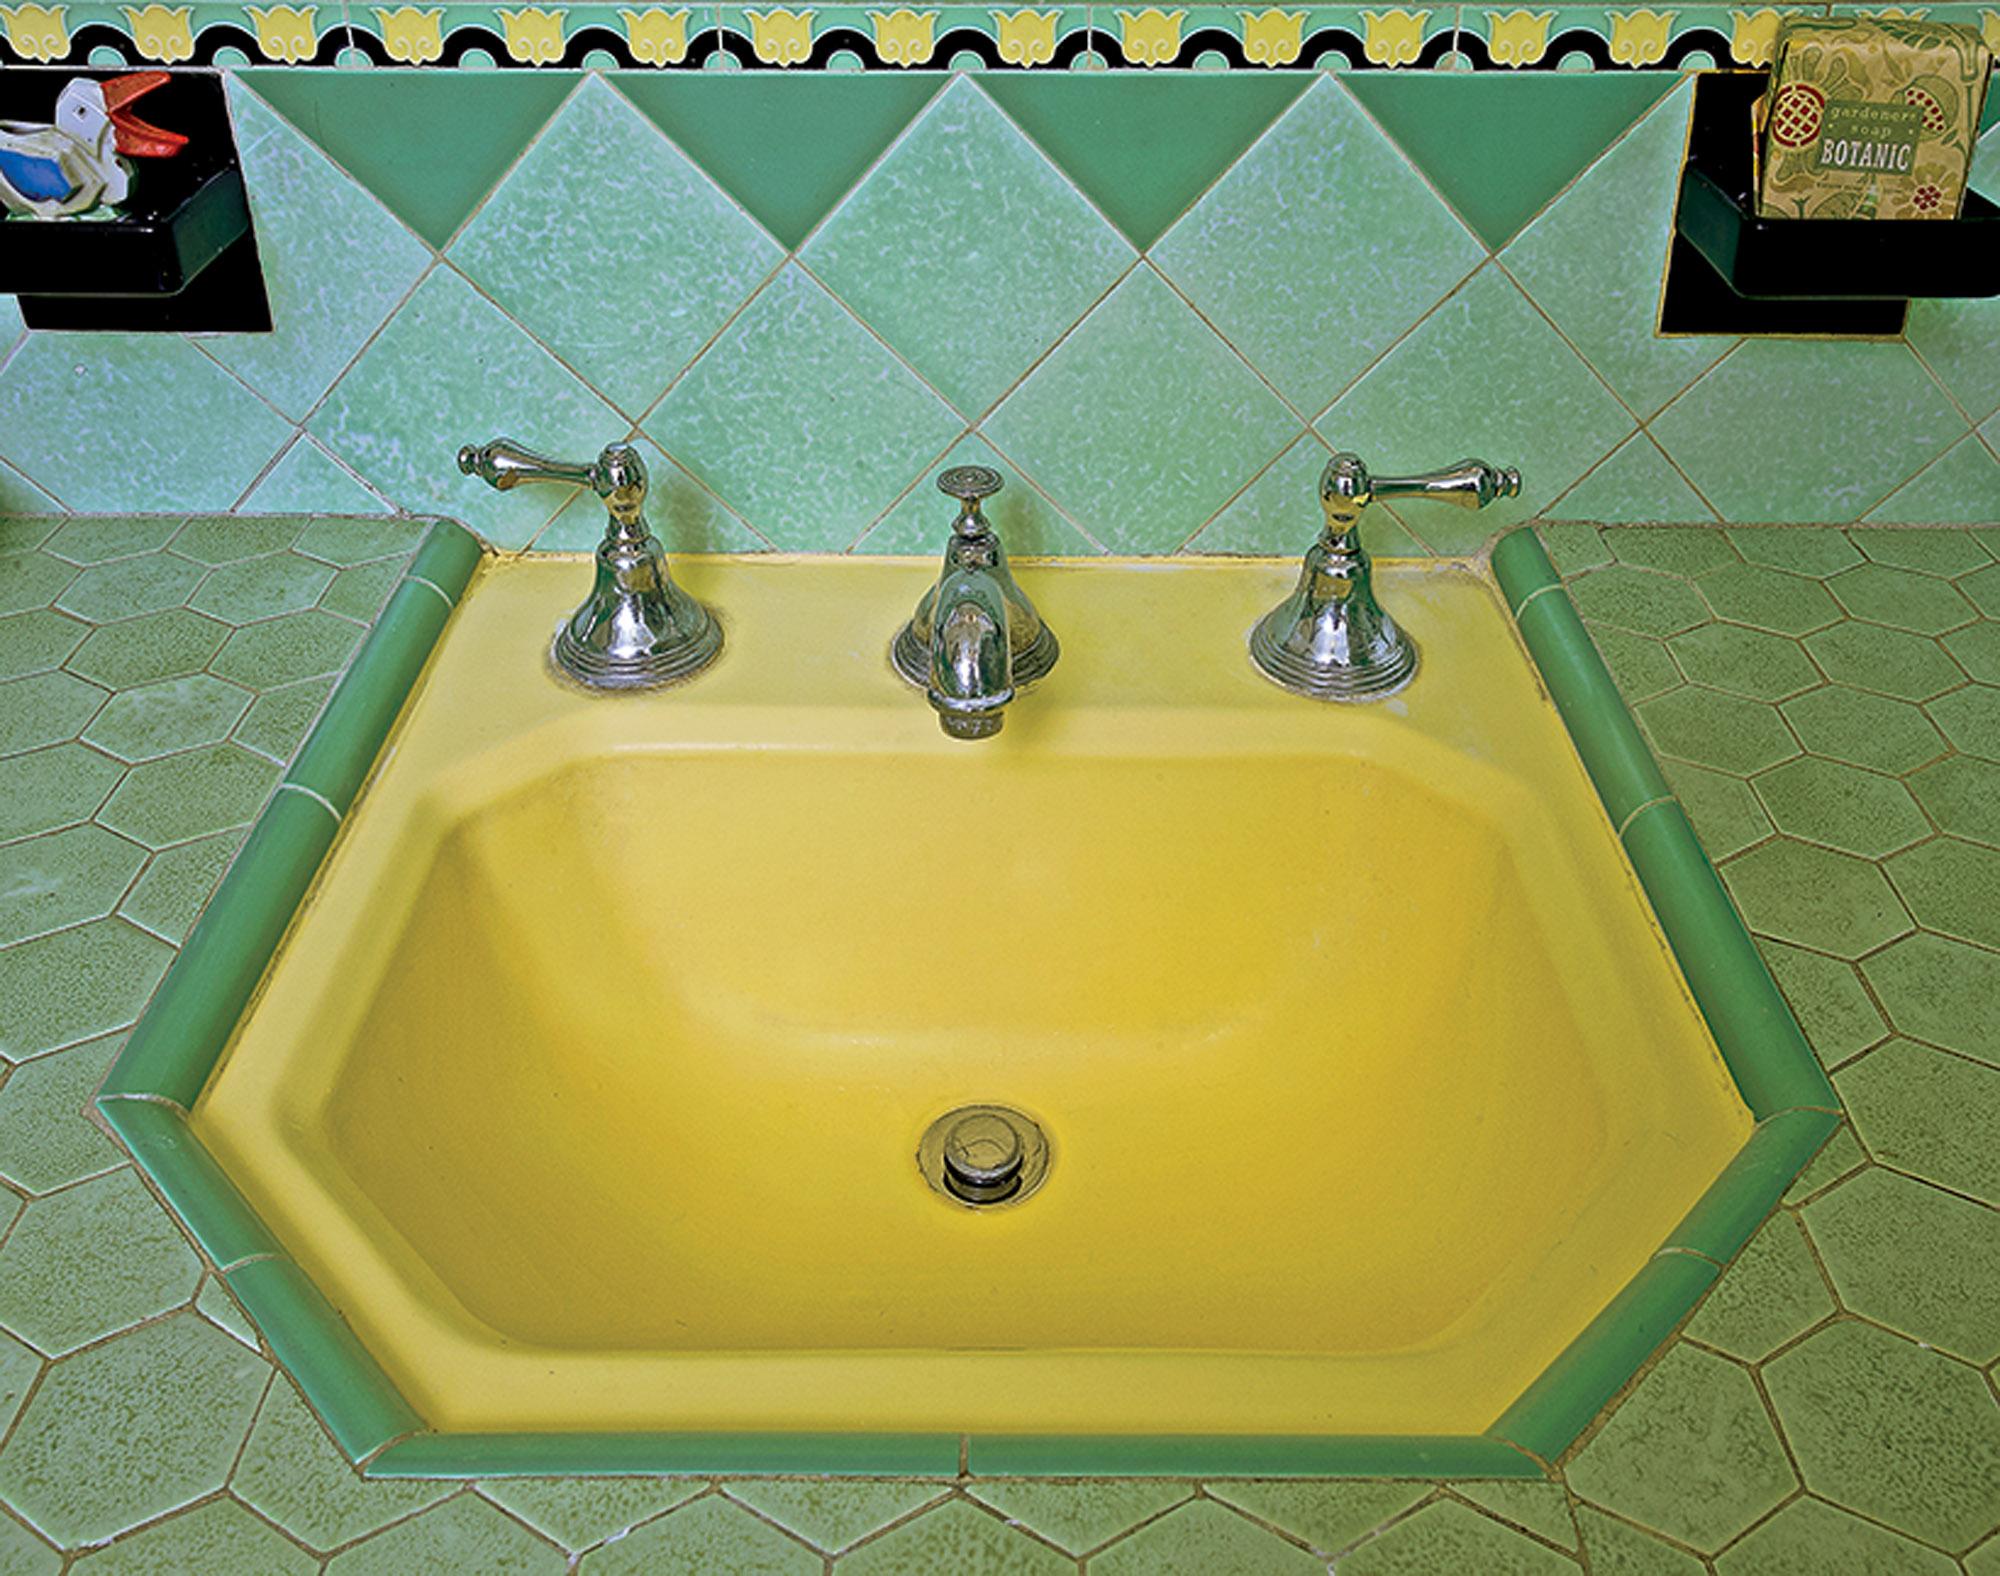 butter-yellow sink